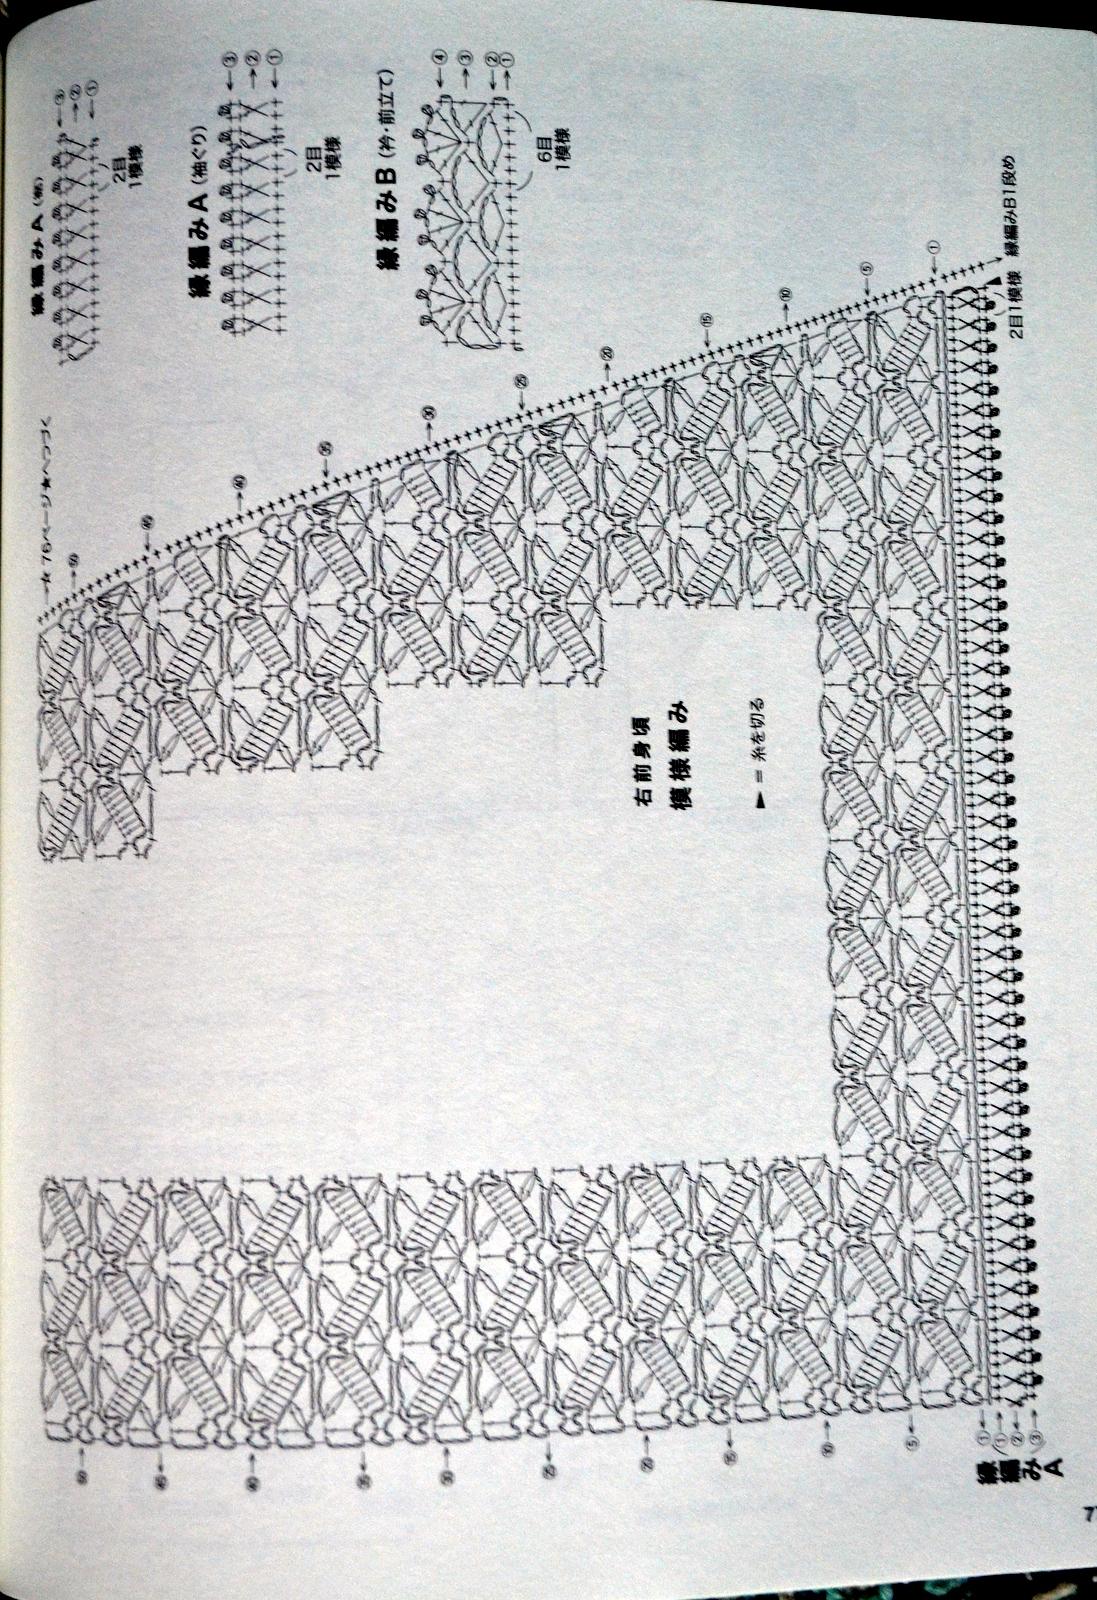 1197_LKS 80392 (19)